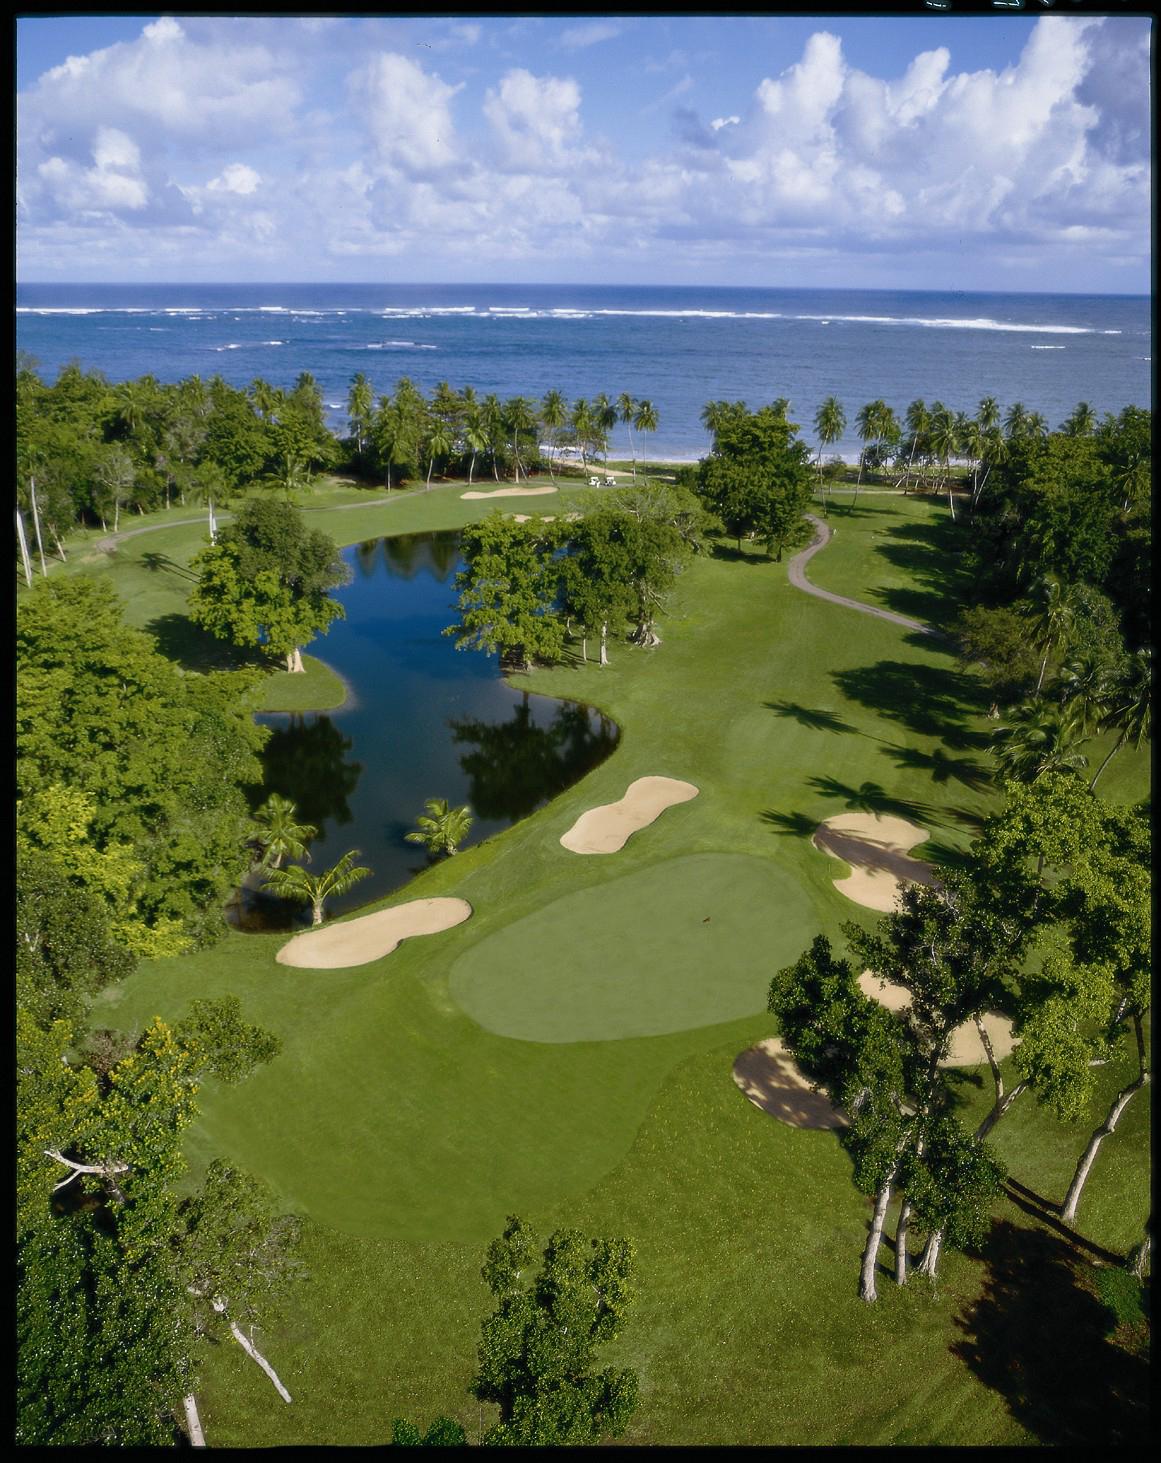 Golf Course Clubhouse Interior Design Ideas: Dorado Beach Resort & Golf Club